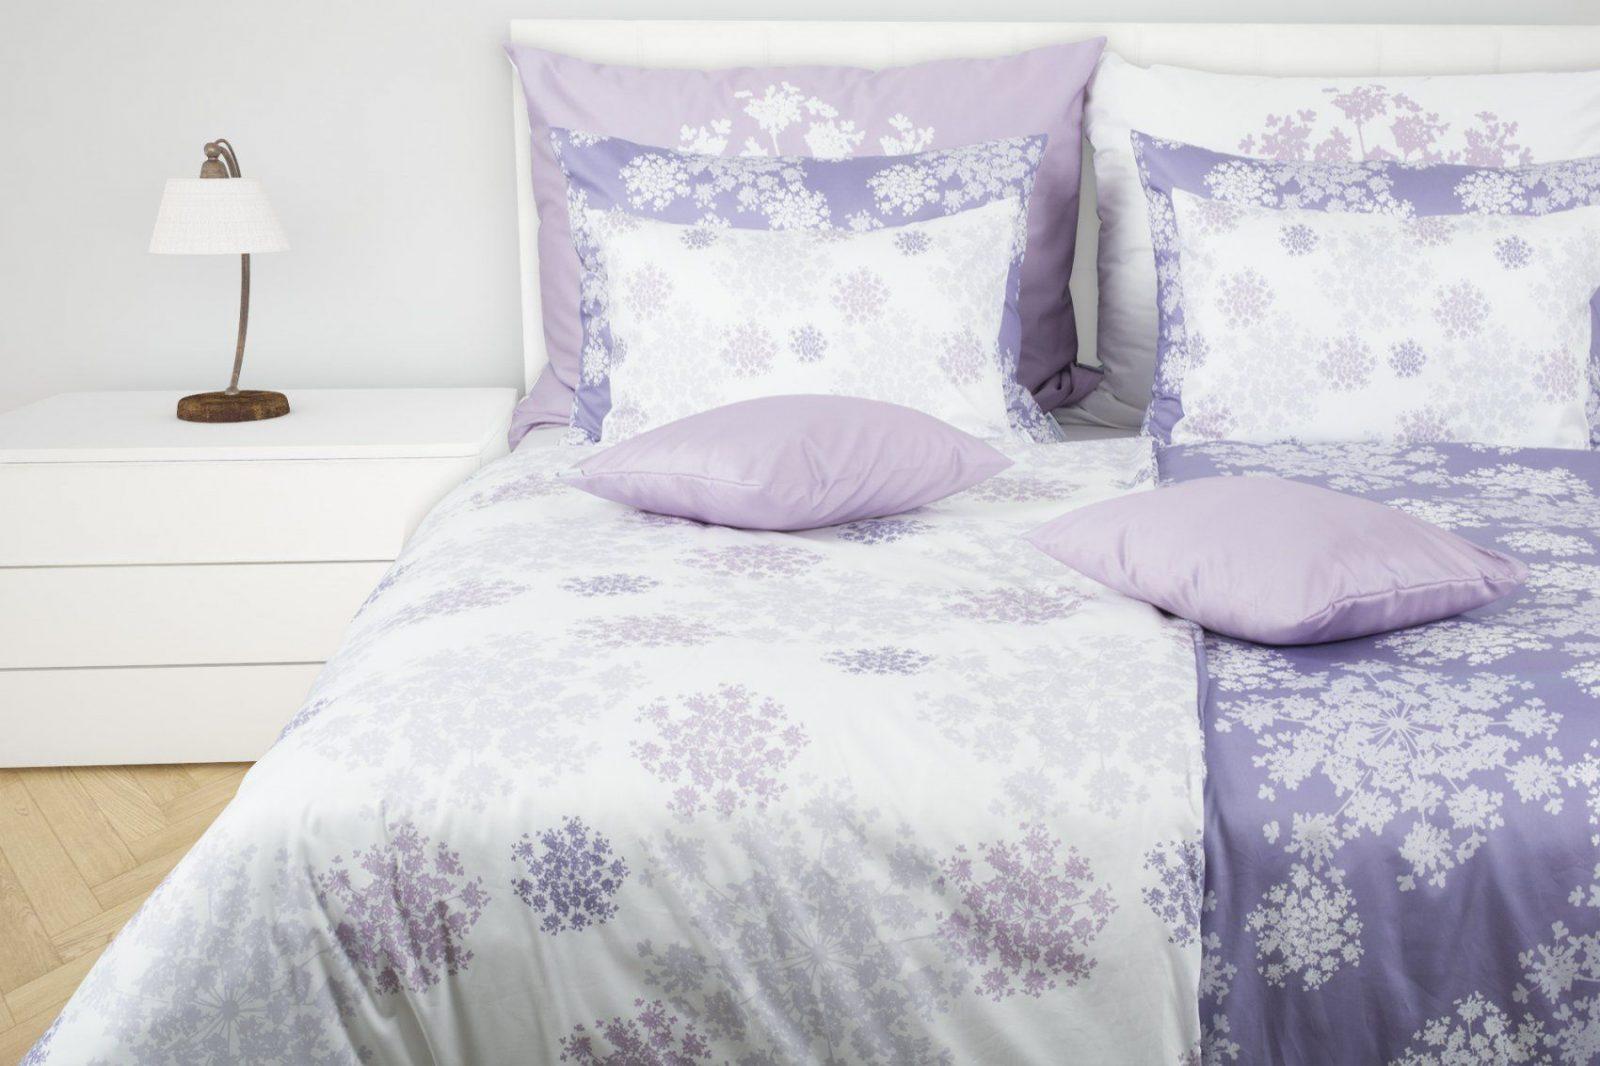 Romantische Satinbettwäsche In Kühlen Lavendeltönen  Glamonde von Bettwäsche Lavendel Motiv Bild